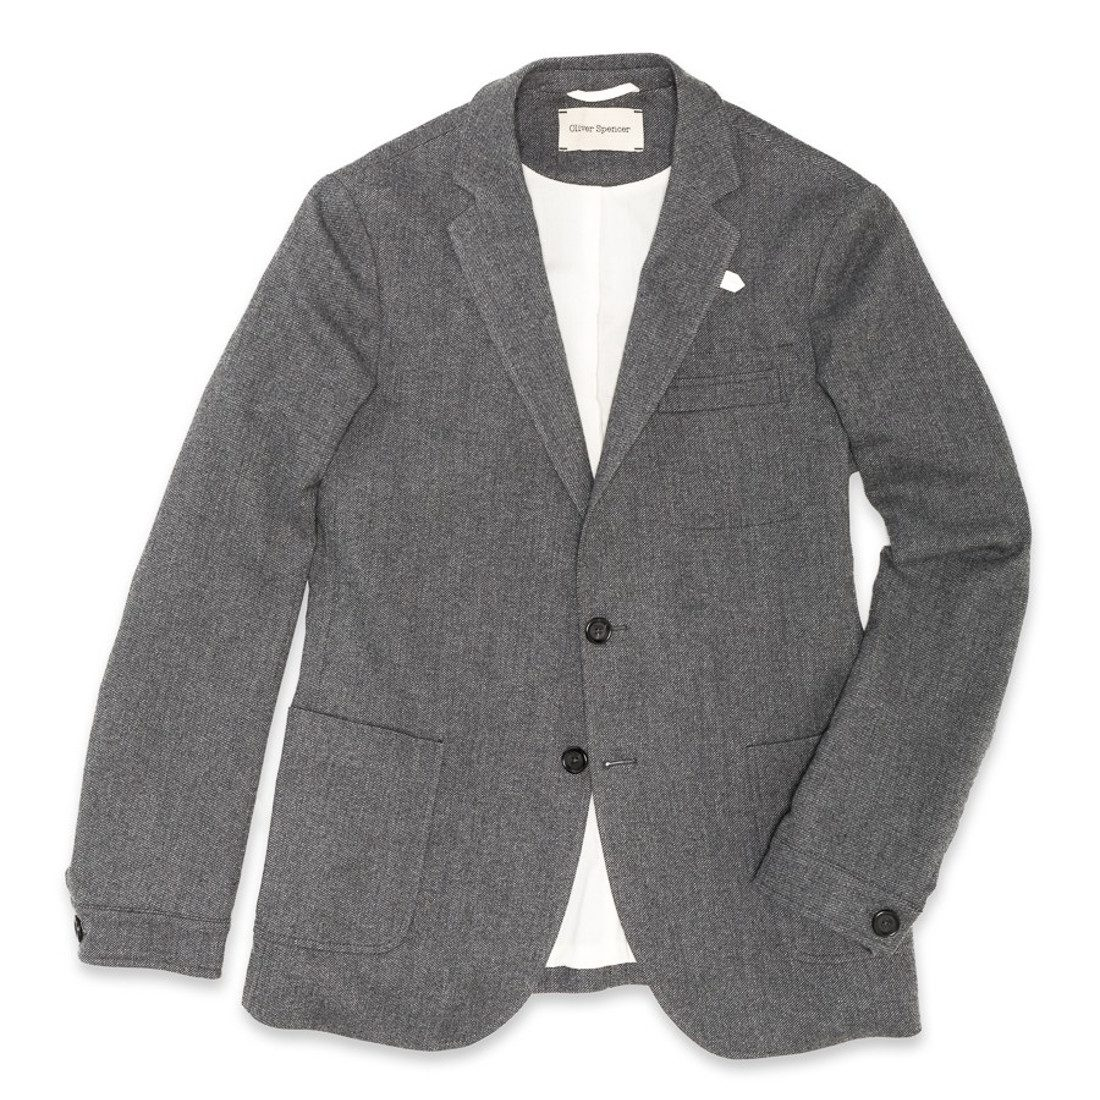 osmj262c_theobald_jacket_con01gry_conway_grey-1